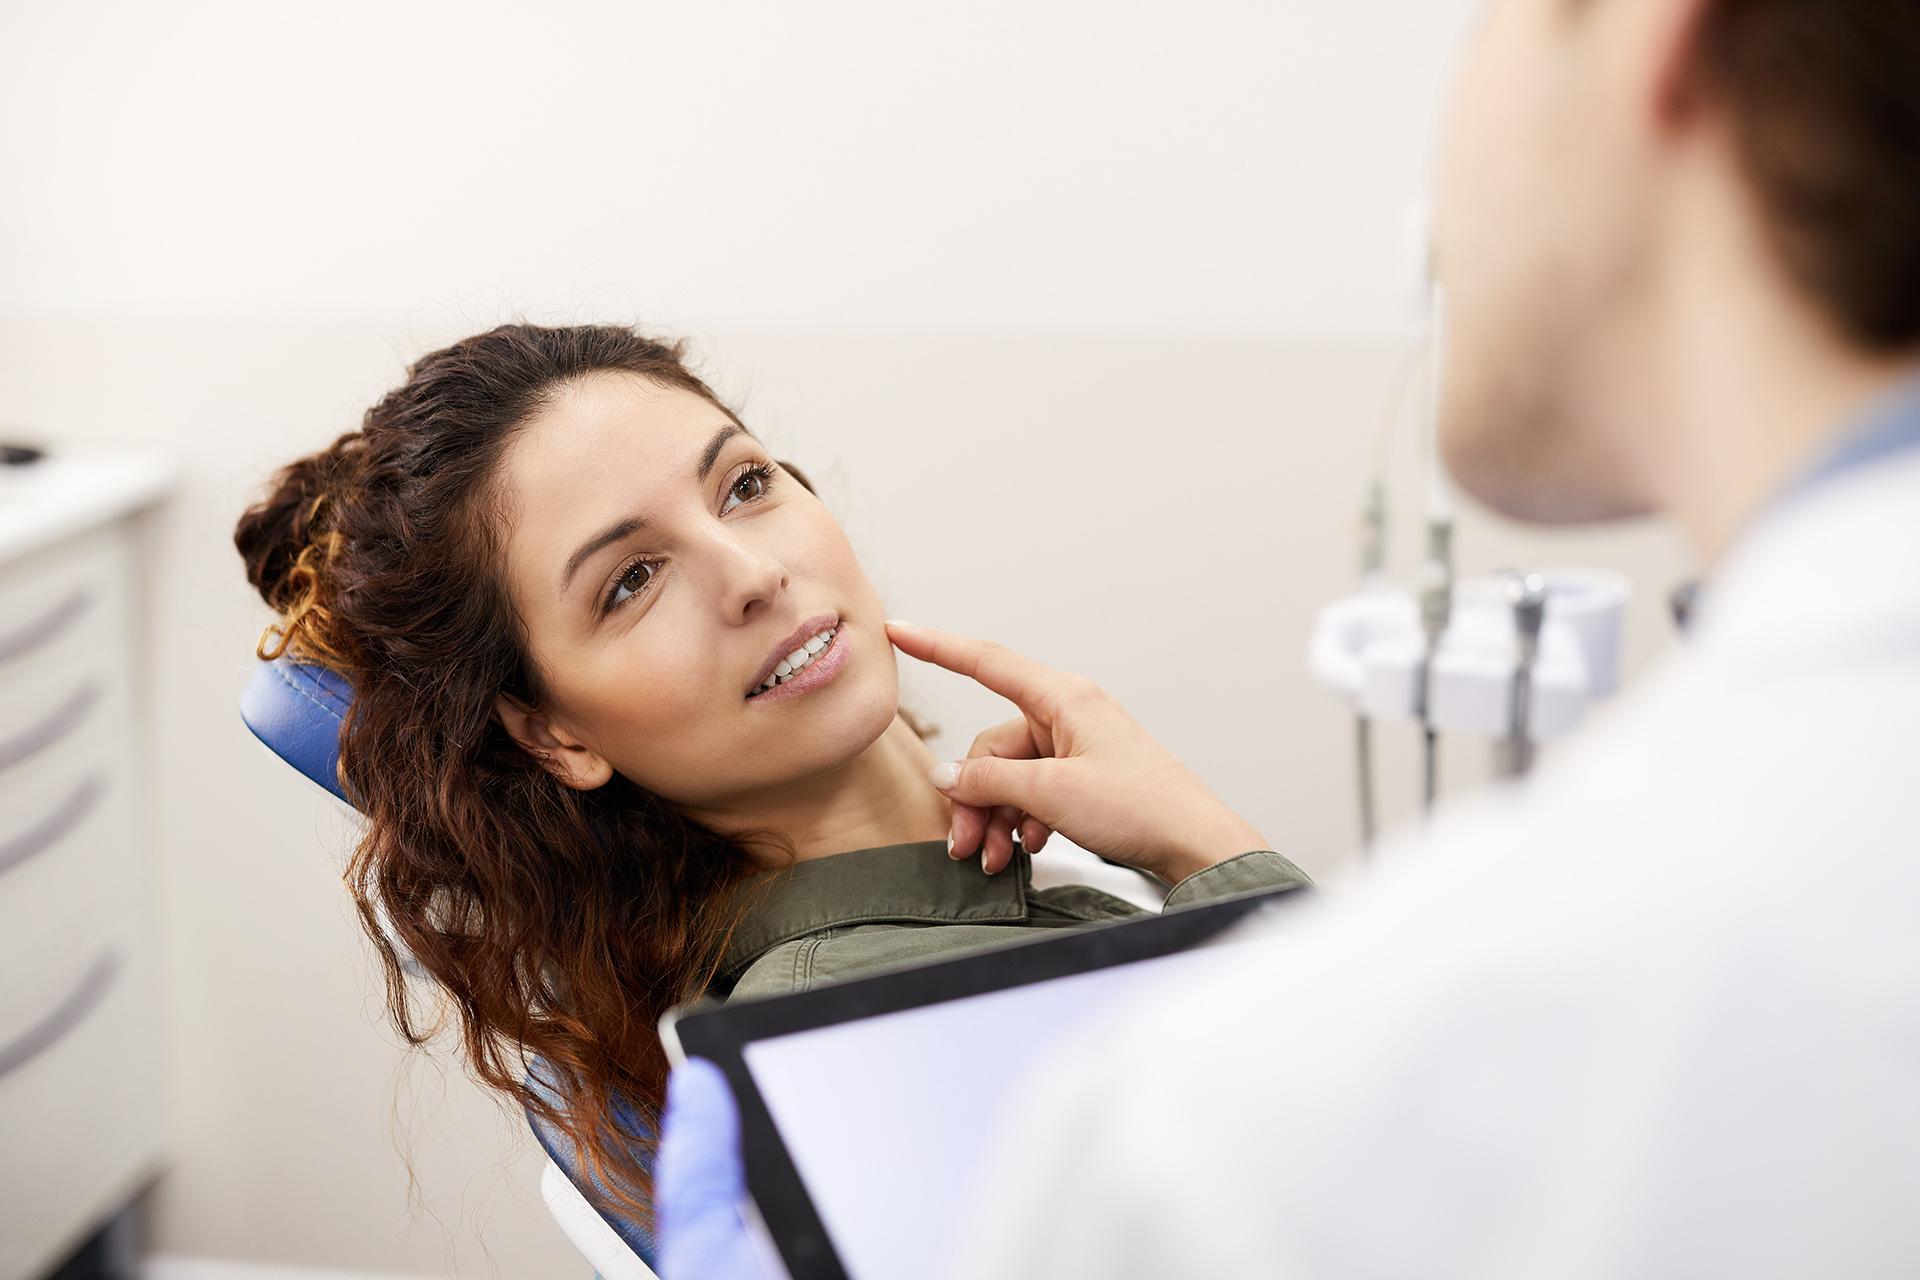 especialidades-clinica-dental-andrea-compte-benicarlo-odontologia-odontopediatria-cirugia